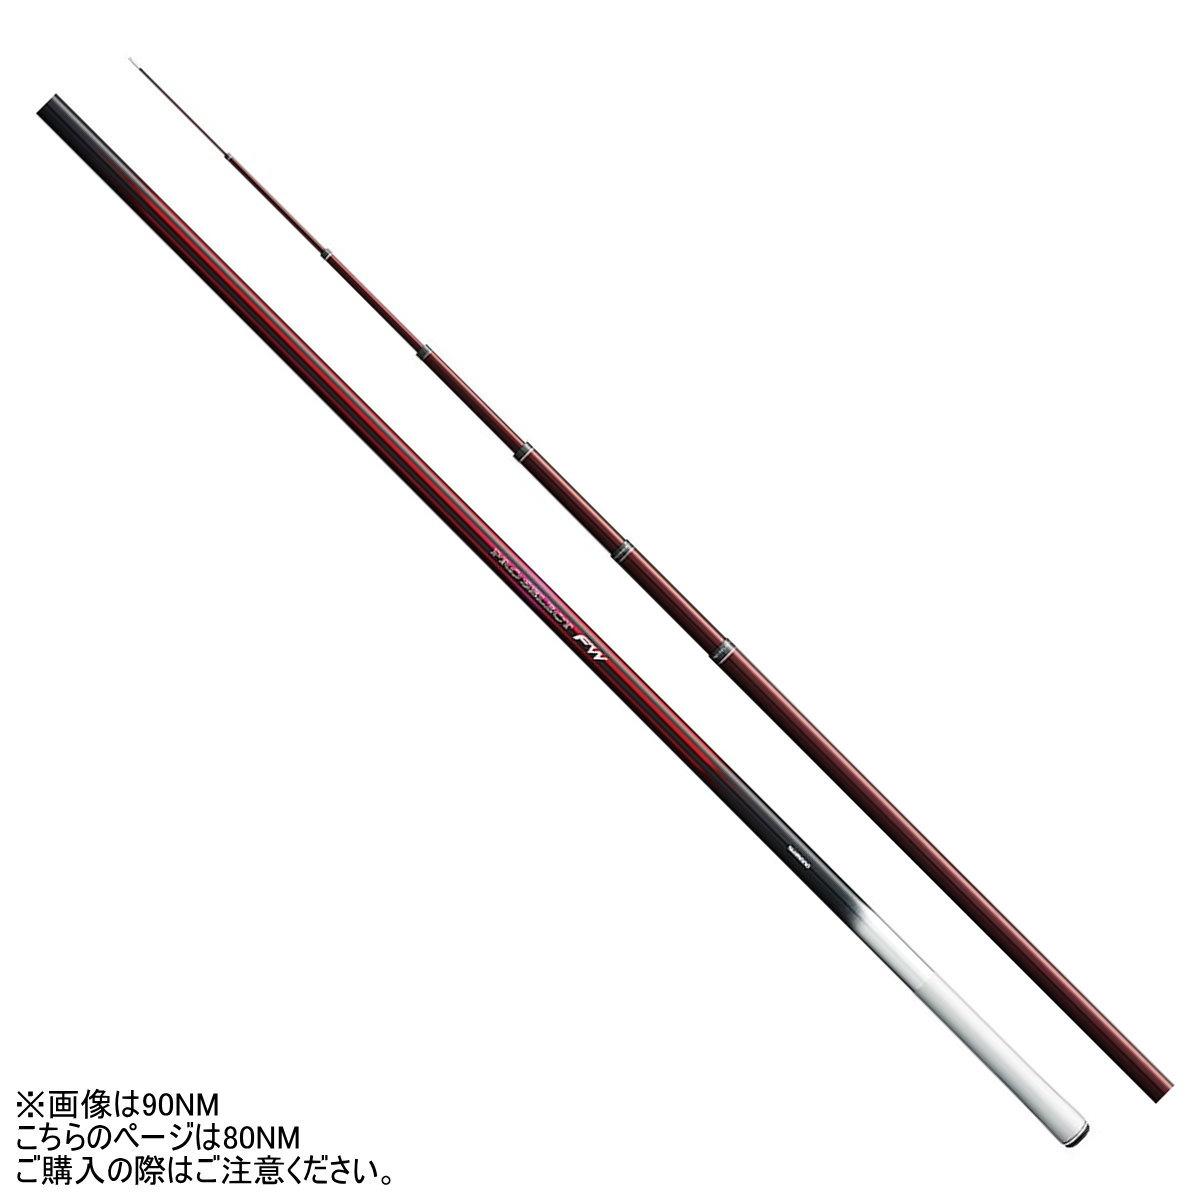 シマノ ロッド プロセレクト FW 80NM 【6】【※大型商品の為同梱】